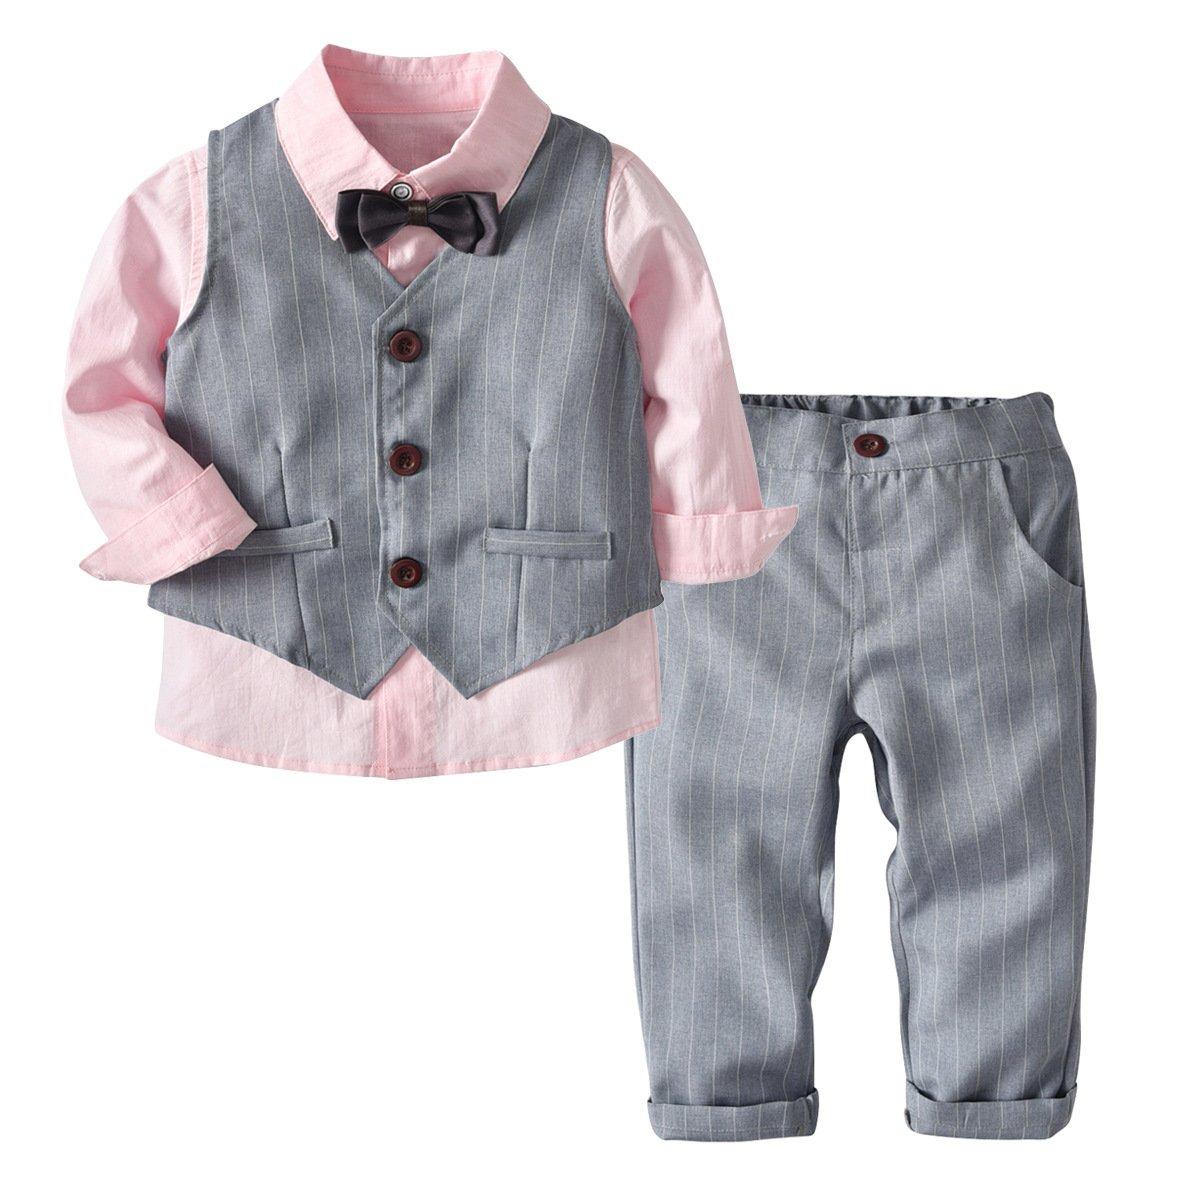 8f6e22805c1bec Choice the right Size 90 2-3T 100 3-4T 110 4-5T 120 5-6T 130 6-7T Fabric Shirt-Cotton  blend Suit-Poyester.Cotton Blend